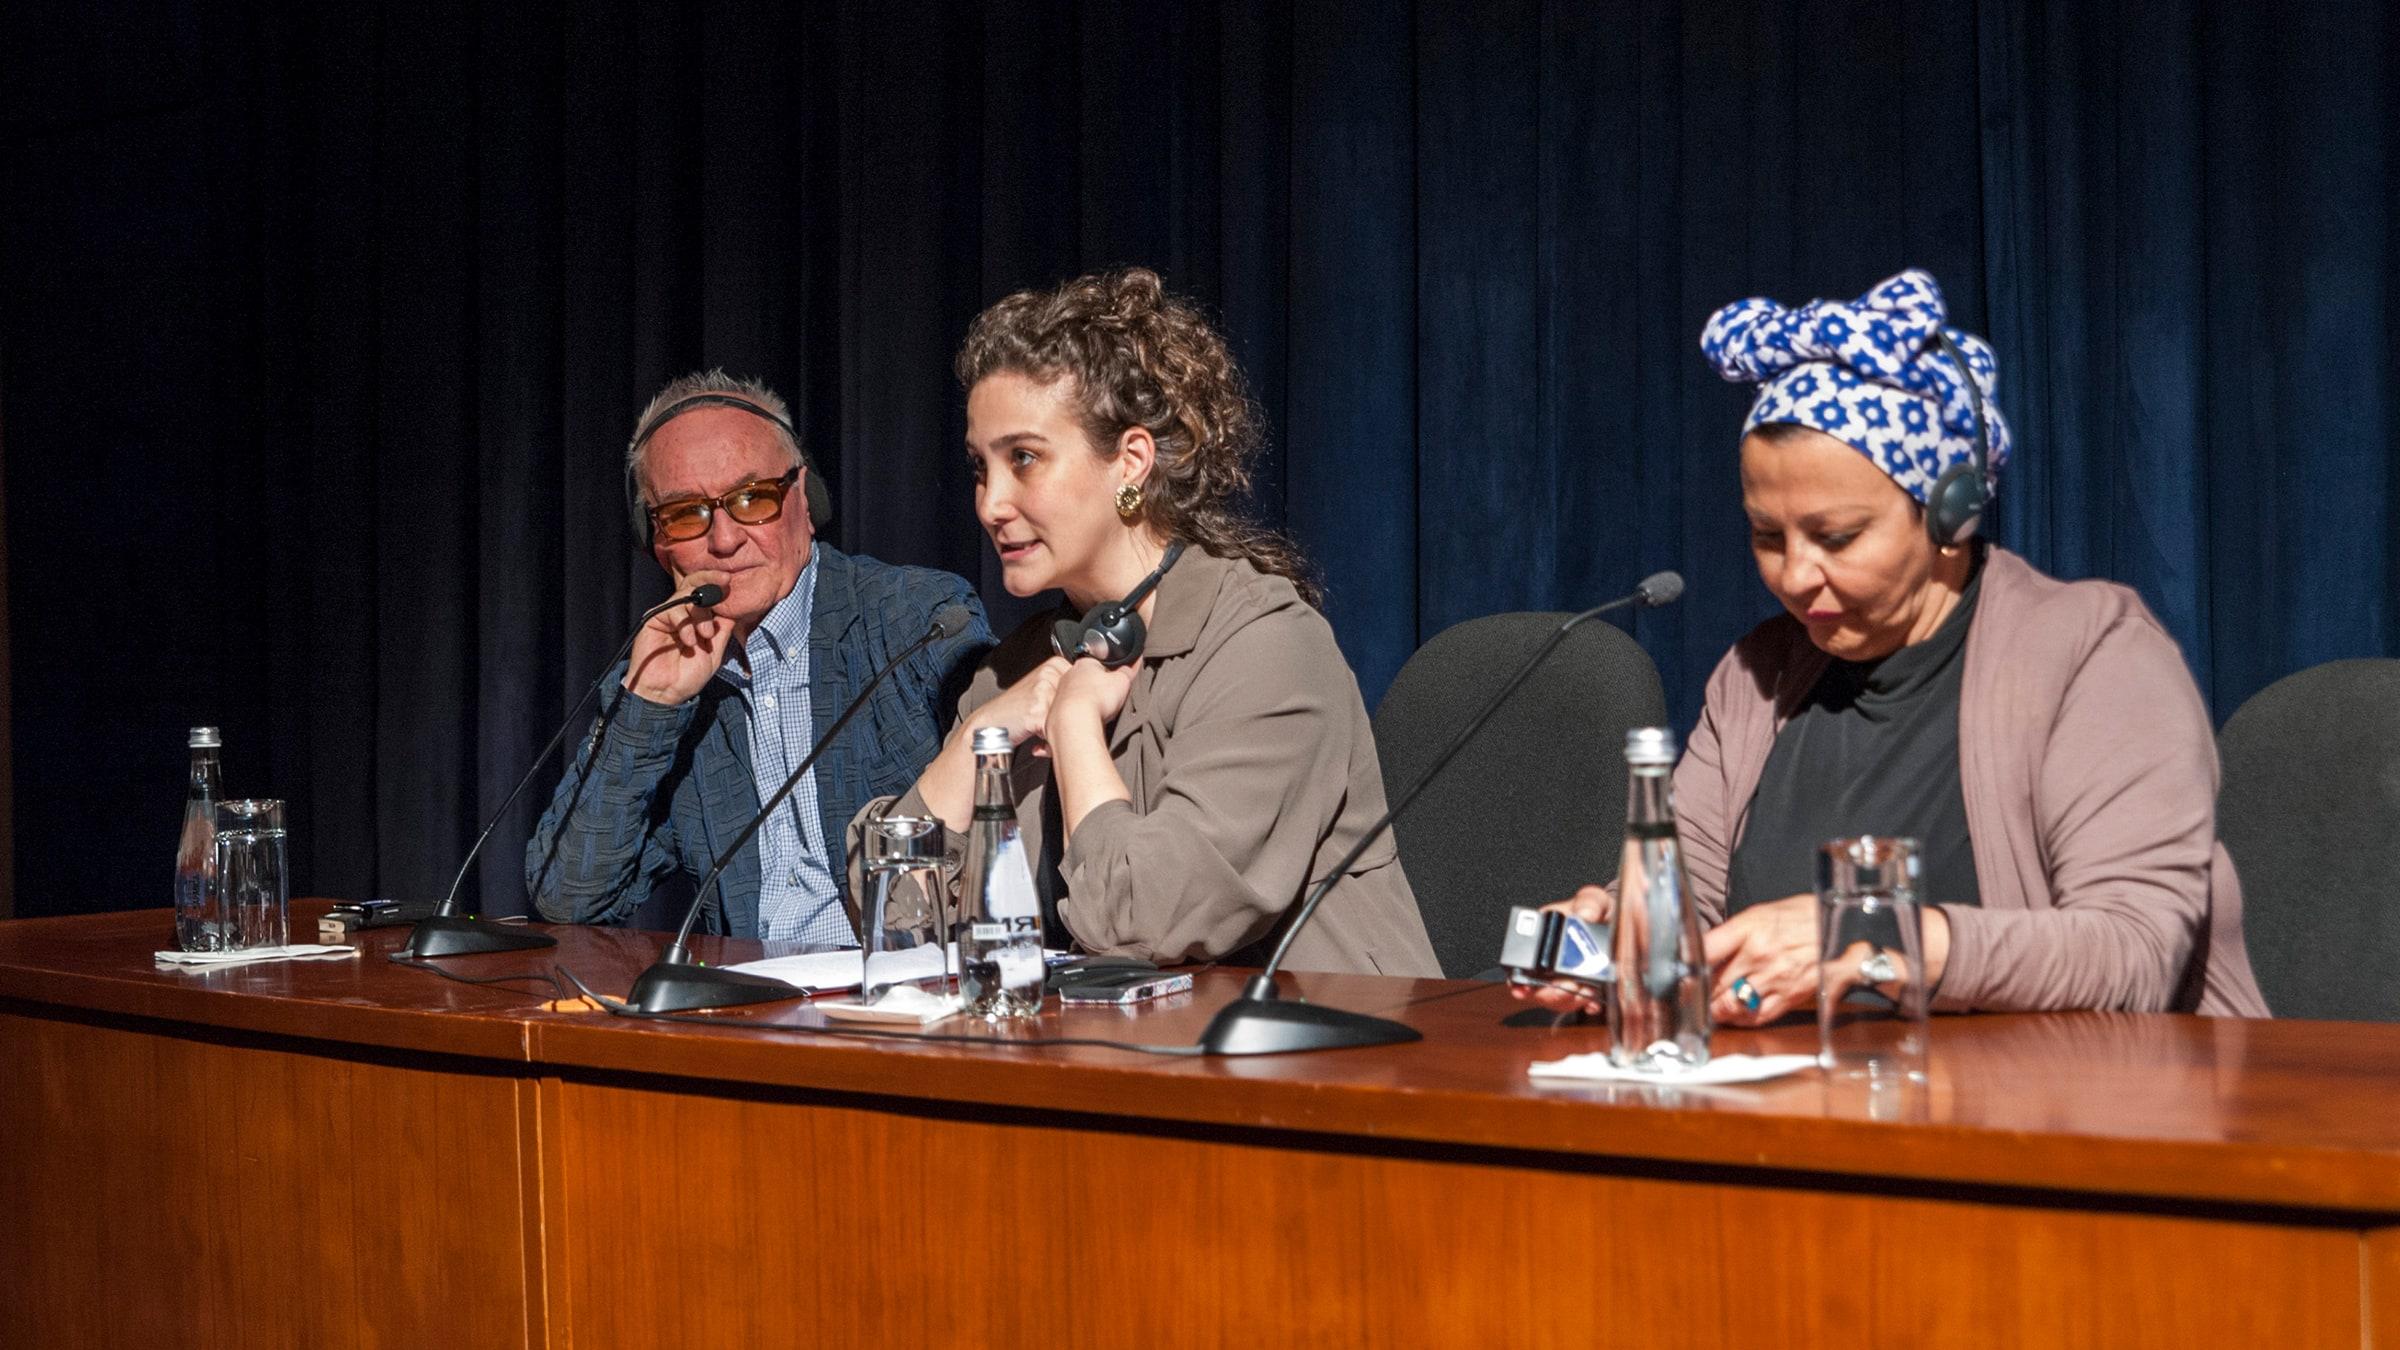 Director Ali Hamroyev in Conversation